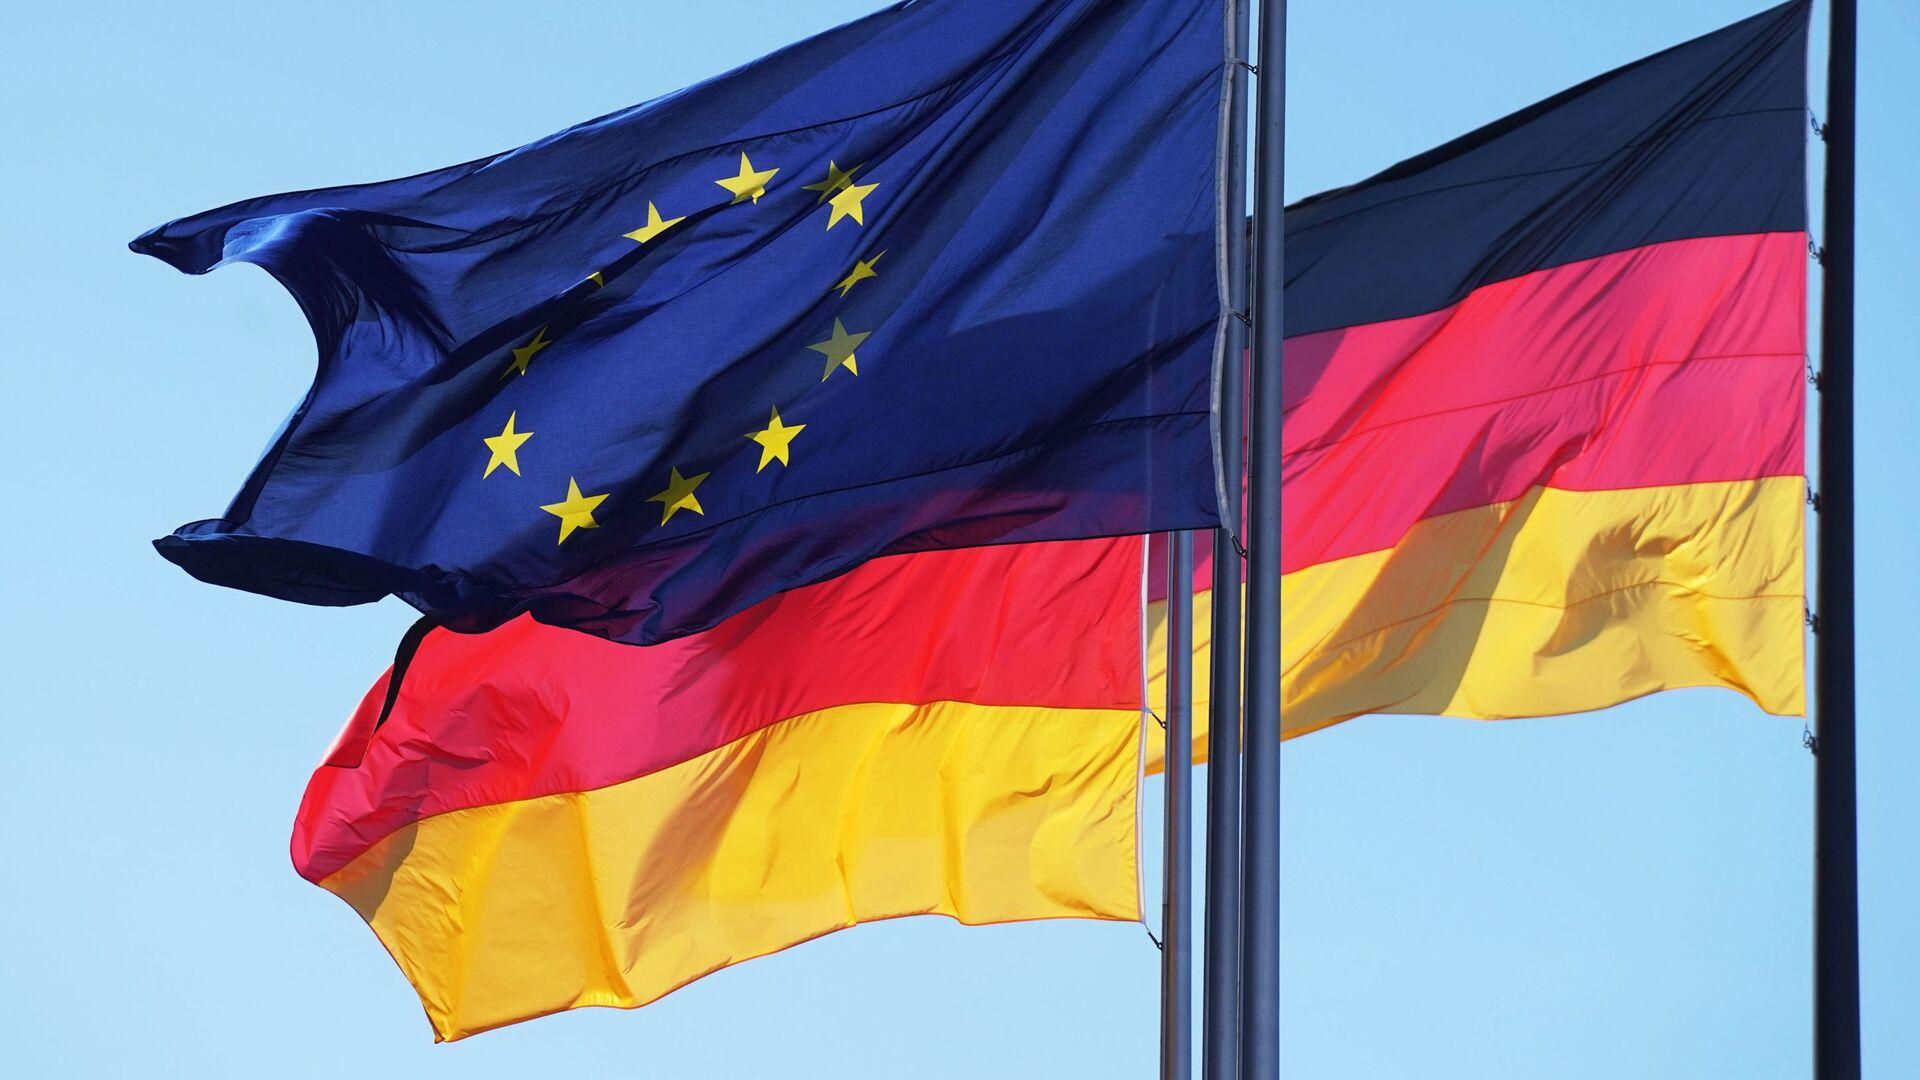 Флаги Евросоюза и Германии у здания Рейхстага в Берлине - Sputnik Узбекистан, 1920, 03.10.2021